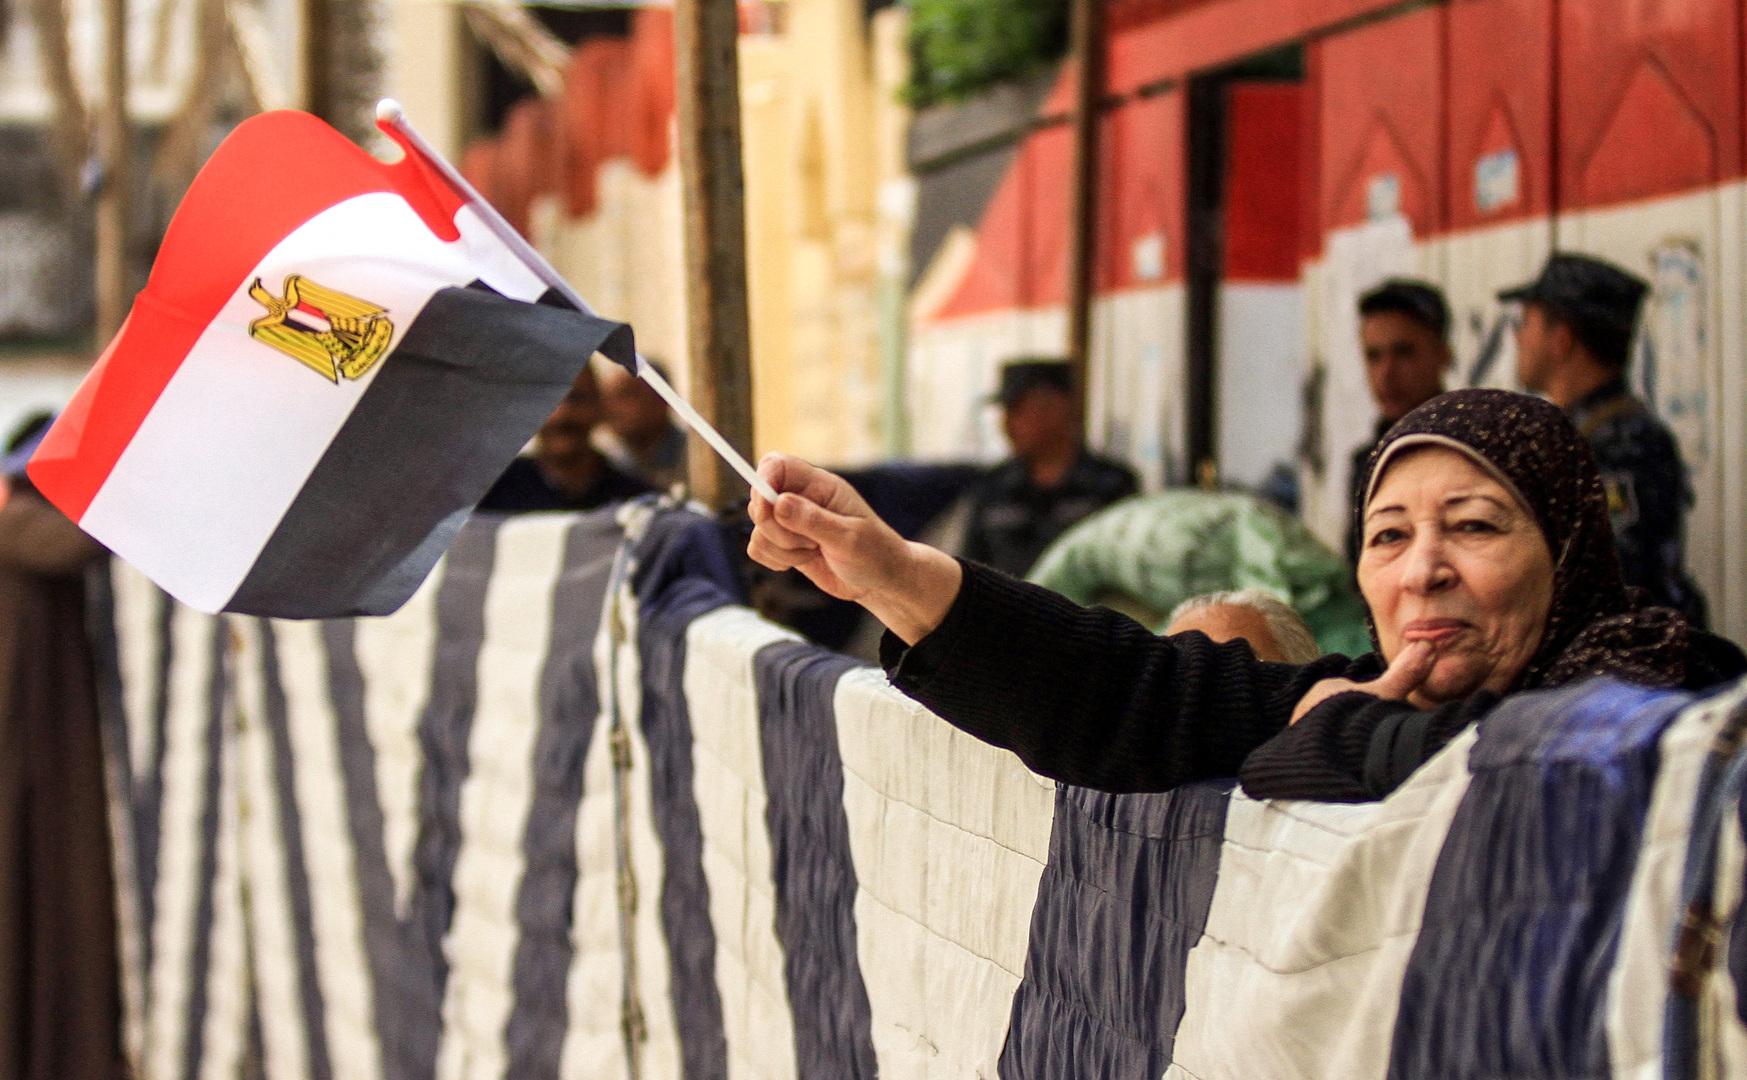 De Forenede Nationer meddeler sin støtte til Egypten i en større krise